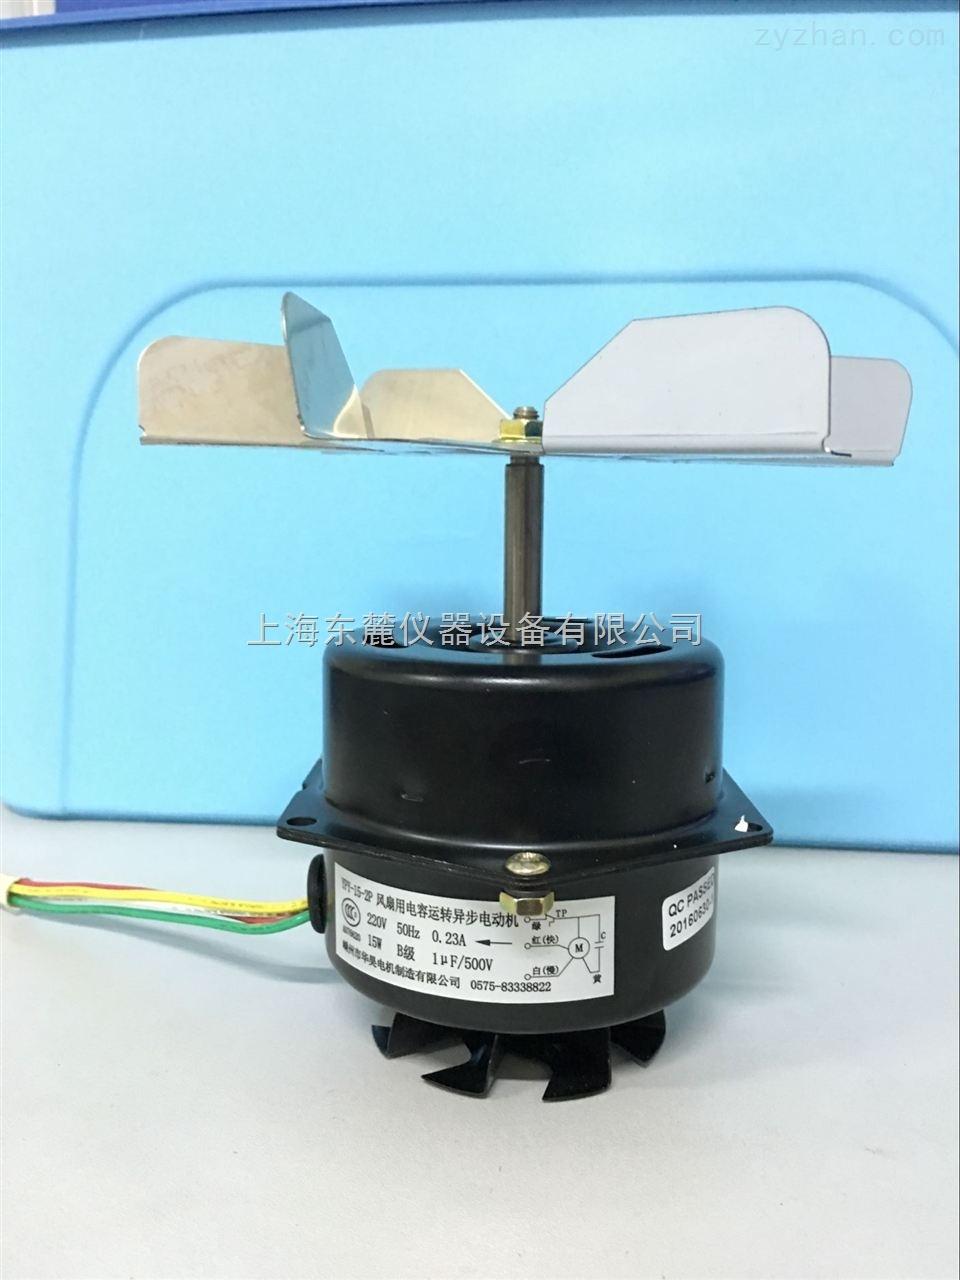 老式烘箱用电动机维修